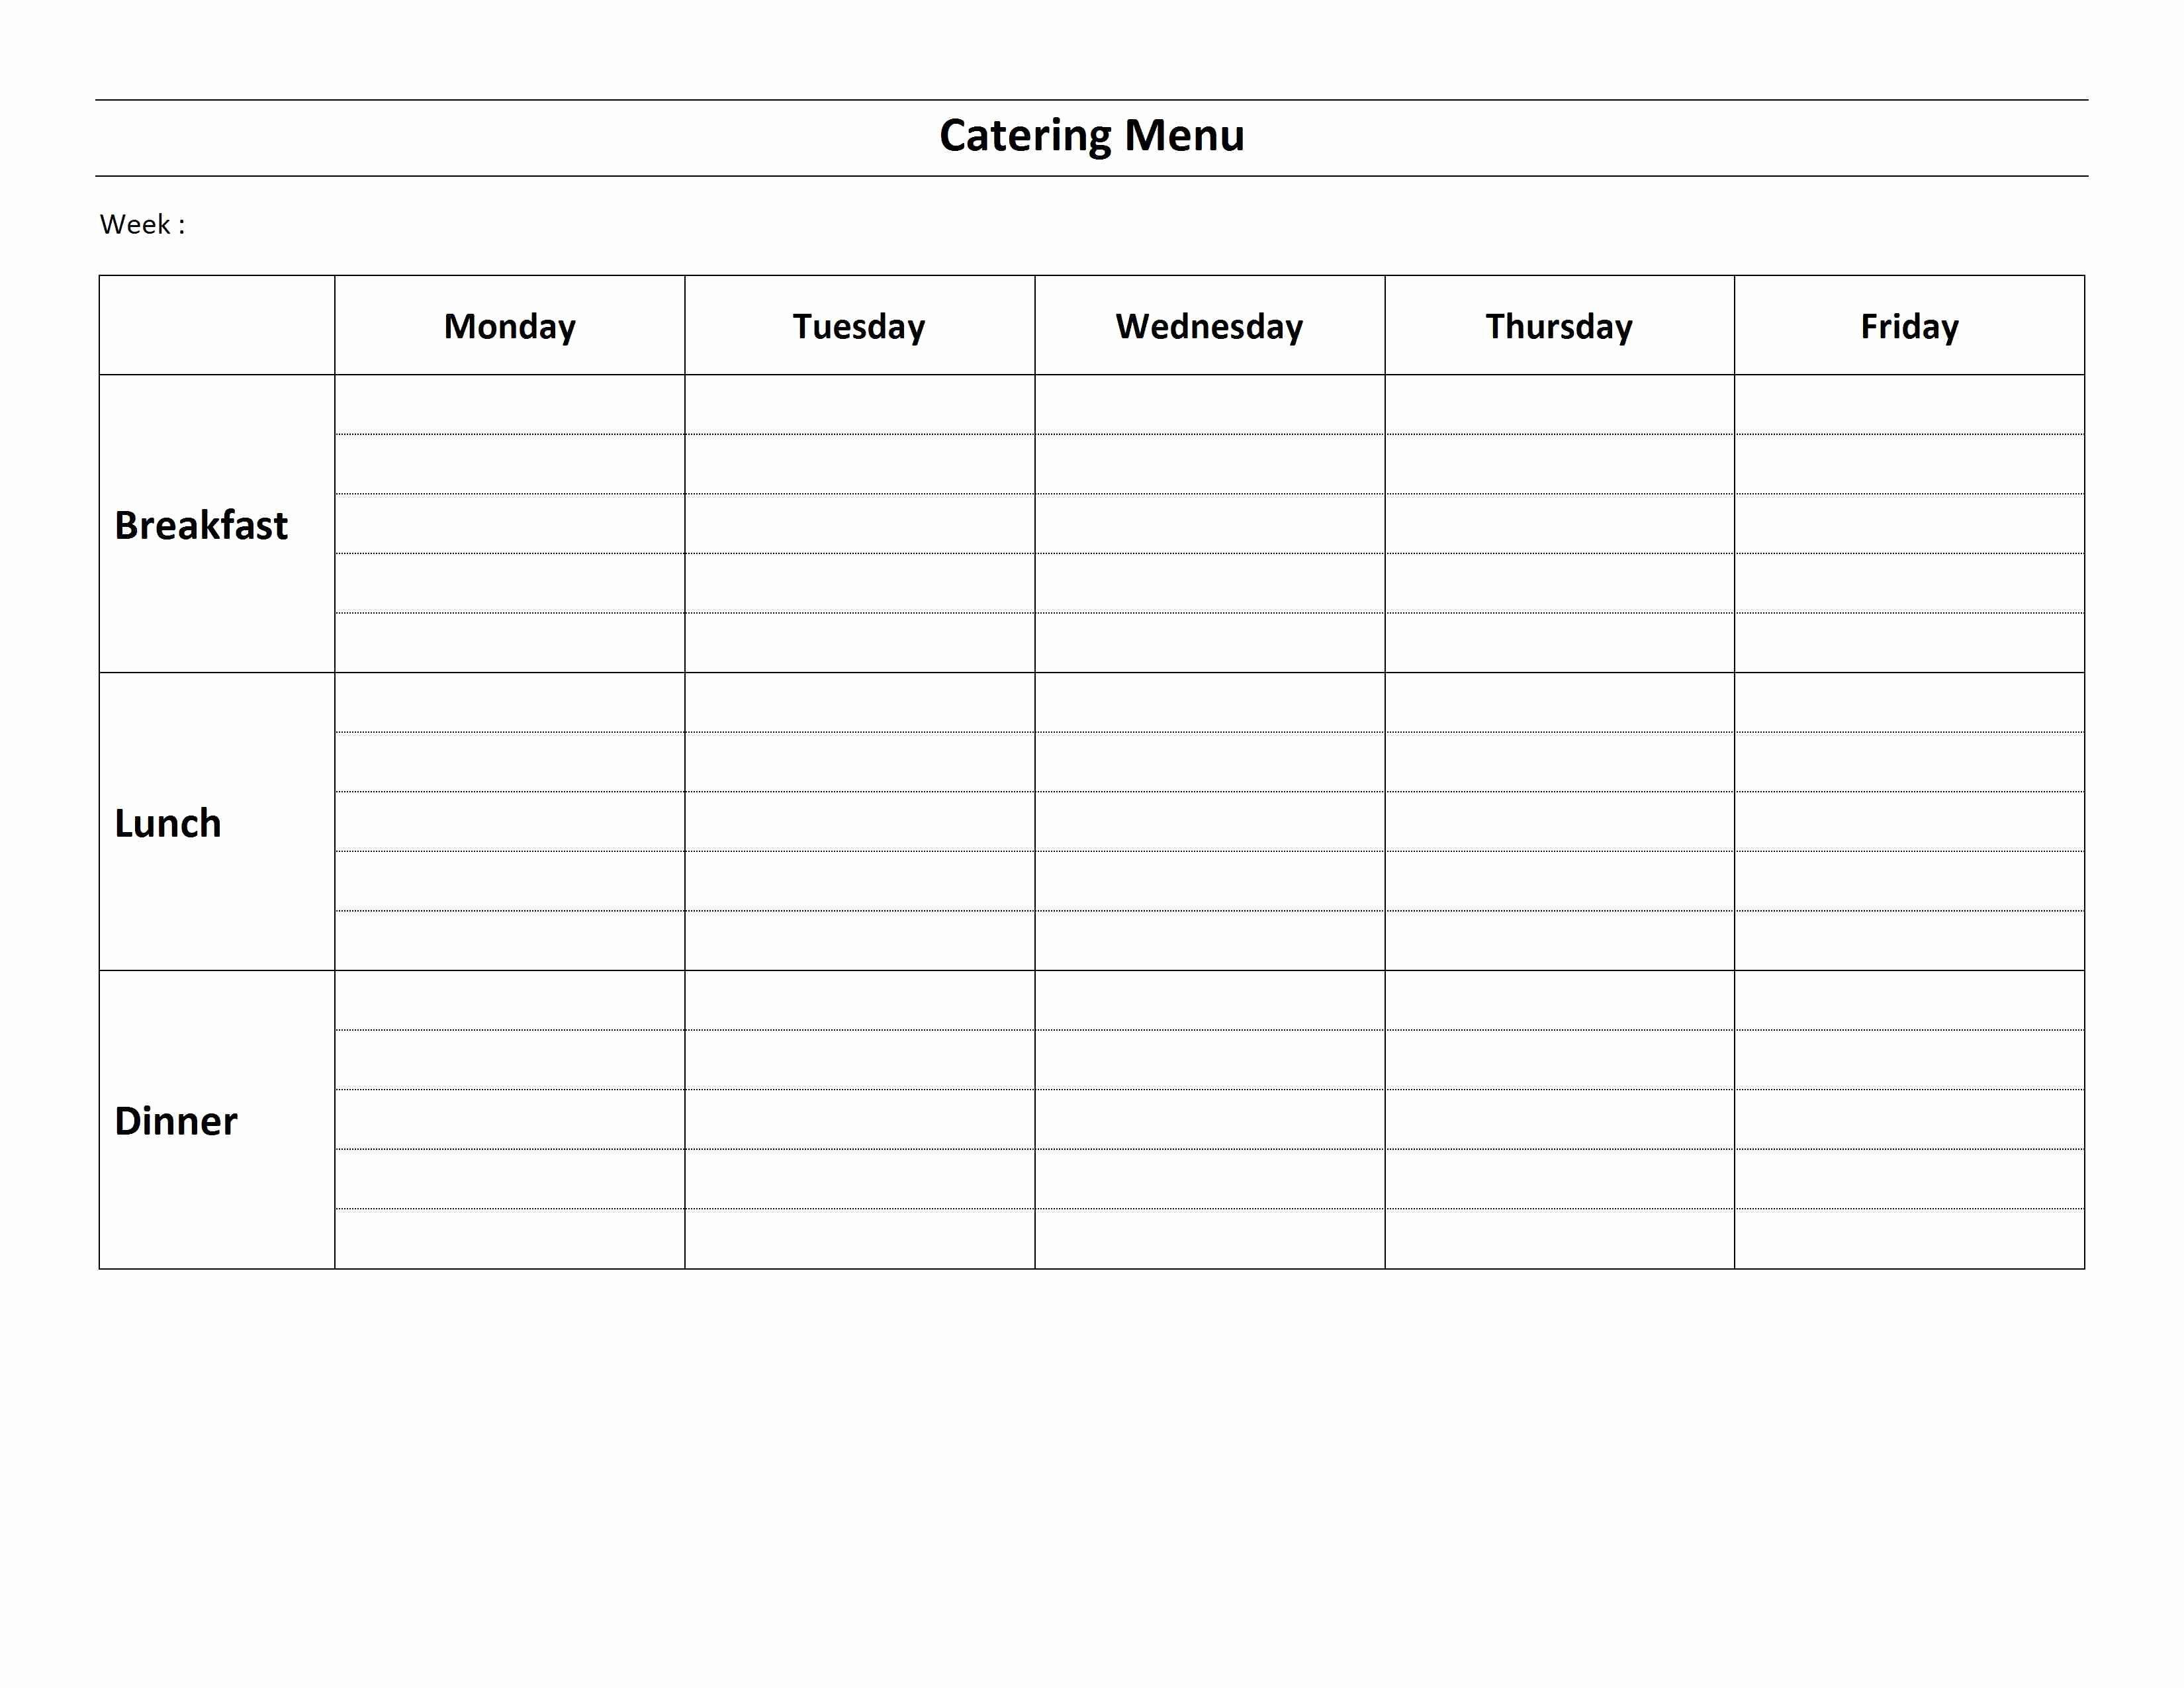 Menu Template Free Word New Weekly Catering Menu